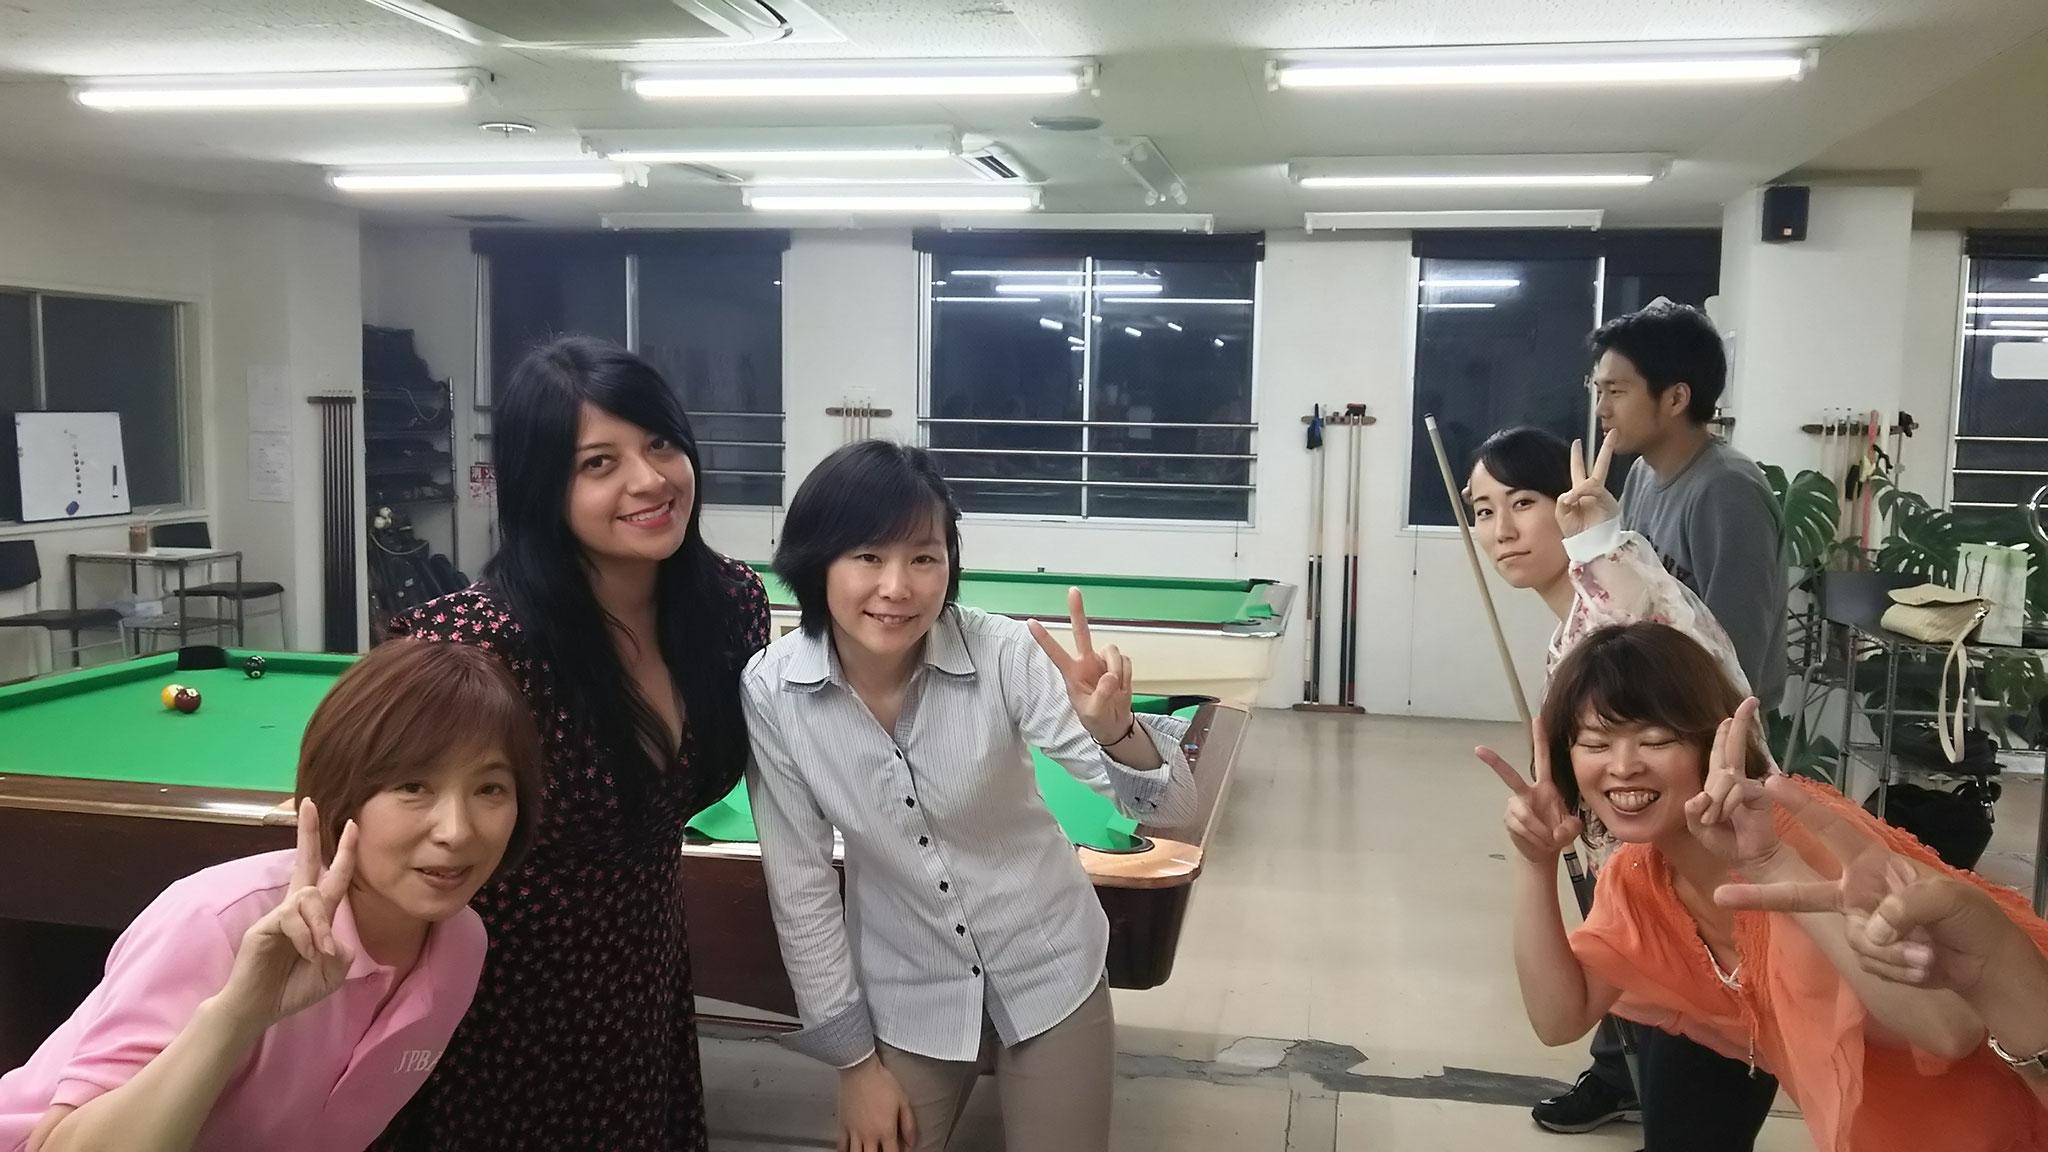 ワラビー女子5人(左から、ツッチー、ハエル、周子、りさ、かよ、ついでに三輪君)。みんな写真撮られなれてる?実物よりすこし可愛くなってます。ただ、一人だけ目開いてませんけど。。